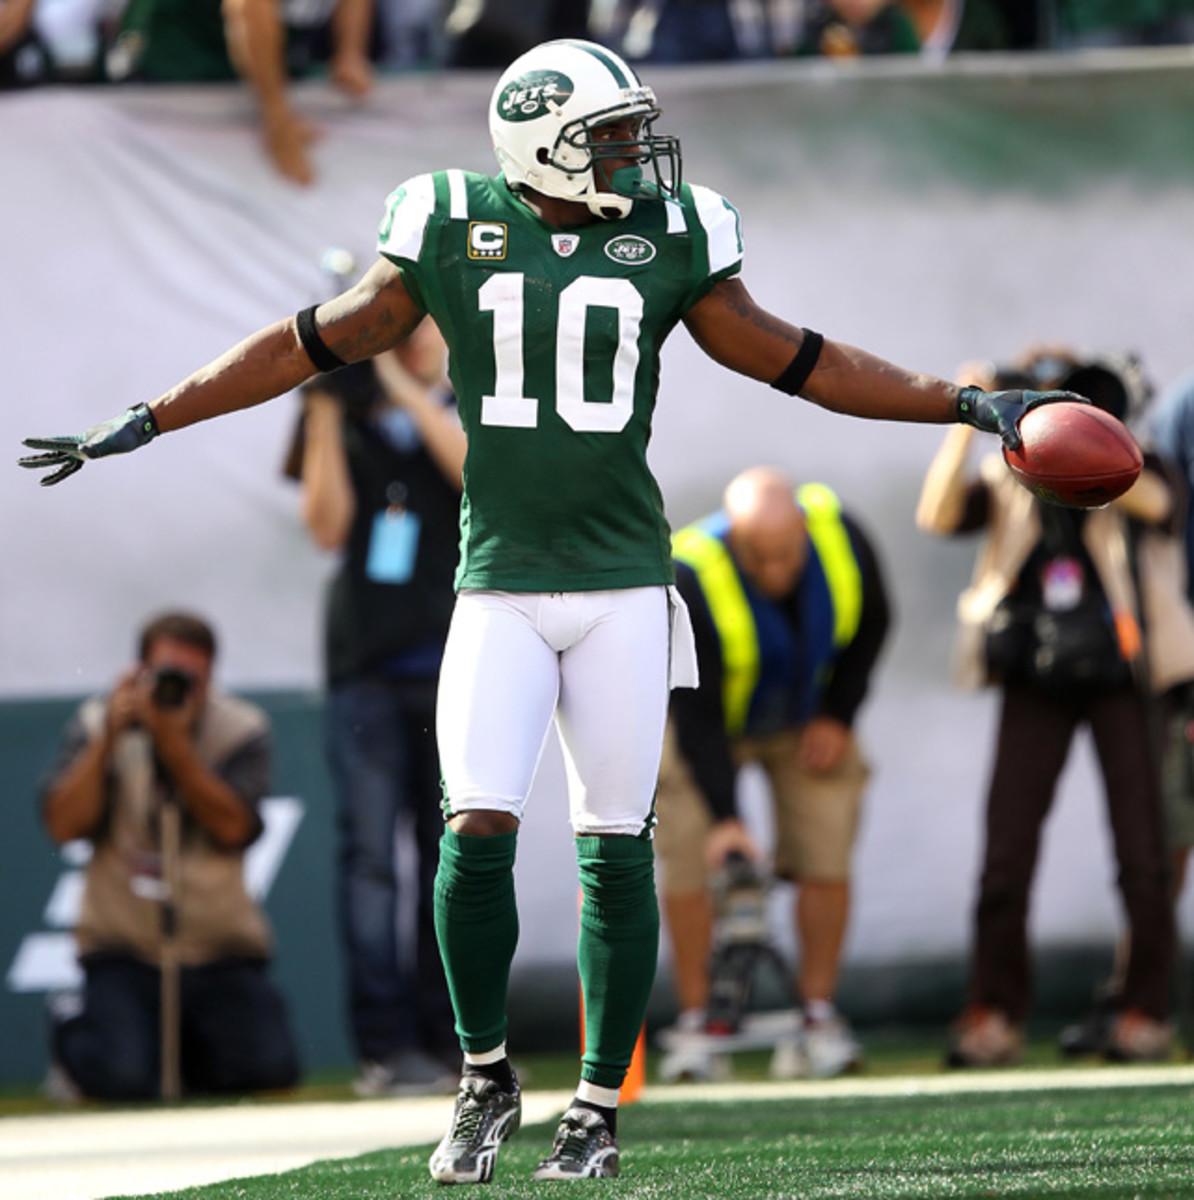 Santonio Holmes, Jets